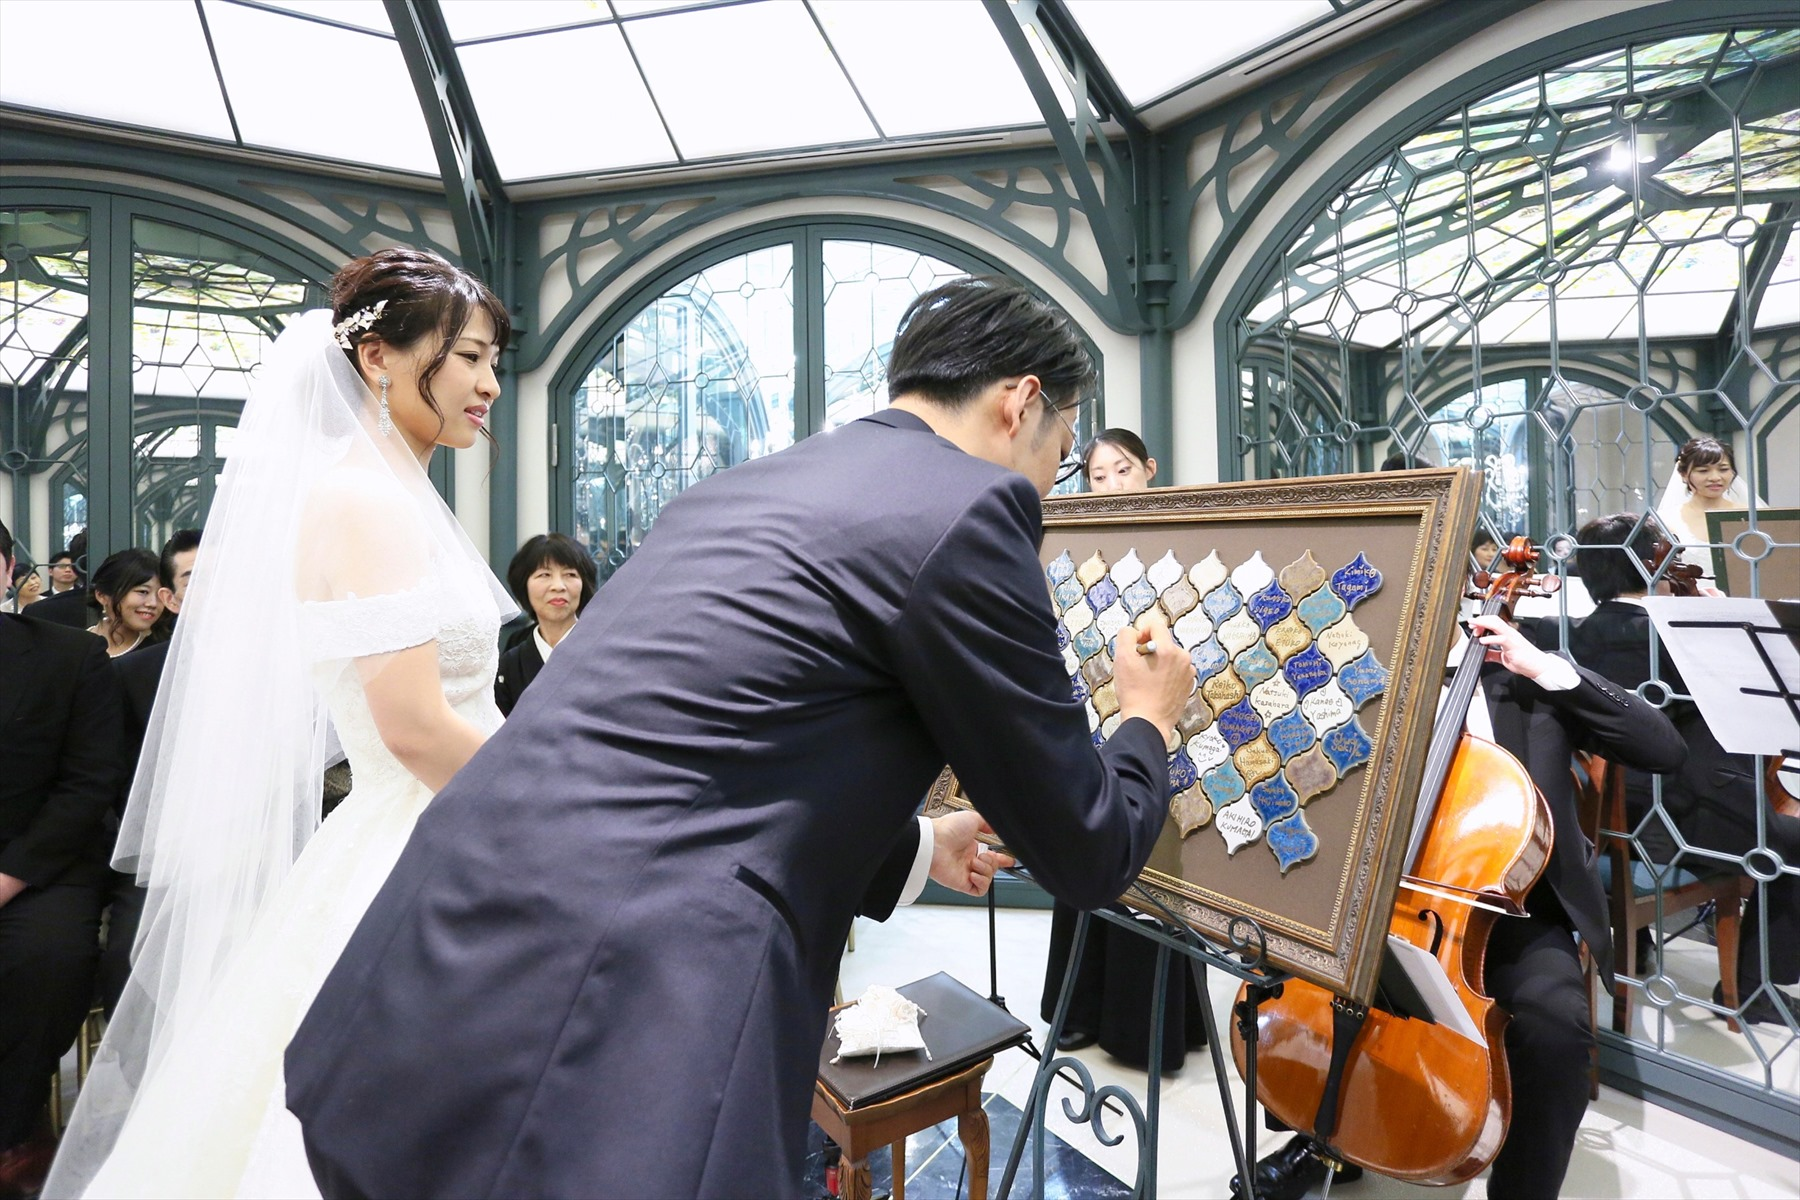 アニバーサリーアン恵比寿 カップルレポート 挙式 人前式 結婚証明書 コラベルタイル ご新郎ご新婦